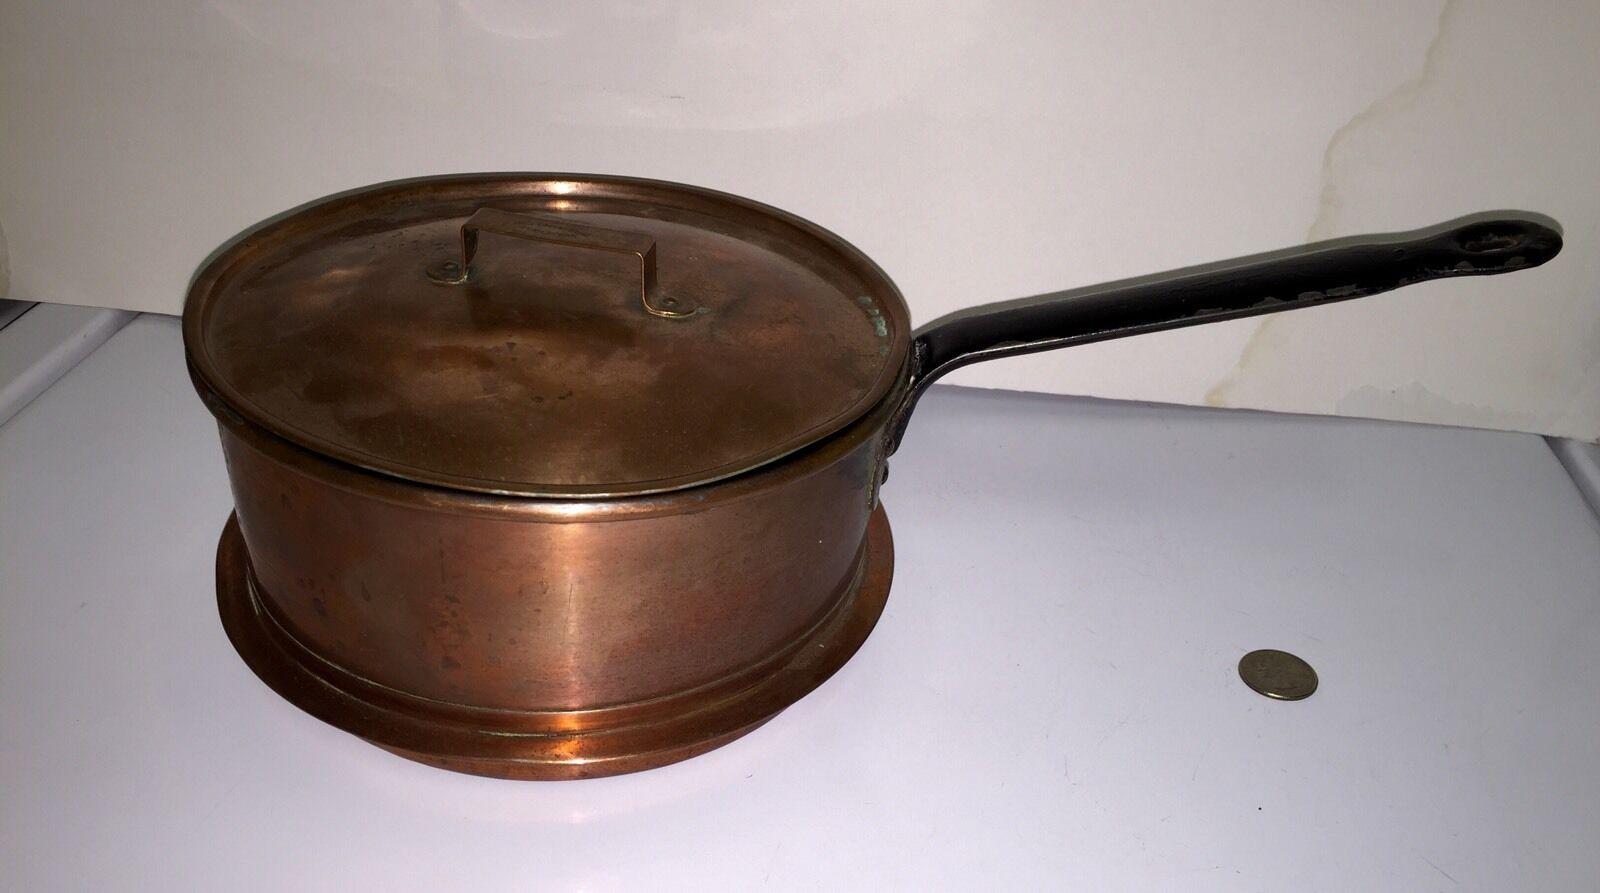 Rare Antique Knut ERIKSSON & Co ESKILSTUNA Suède cuivre double chaudière Pan RARE